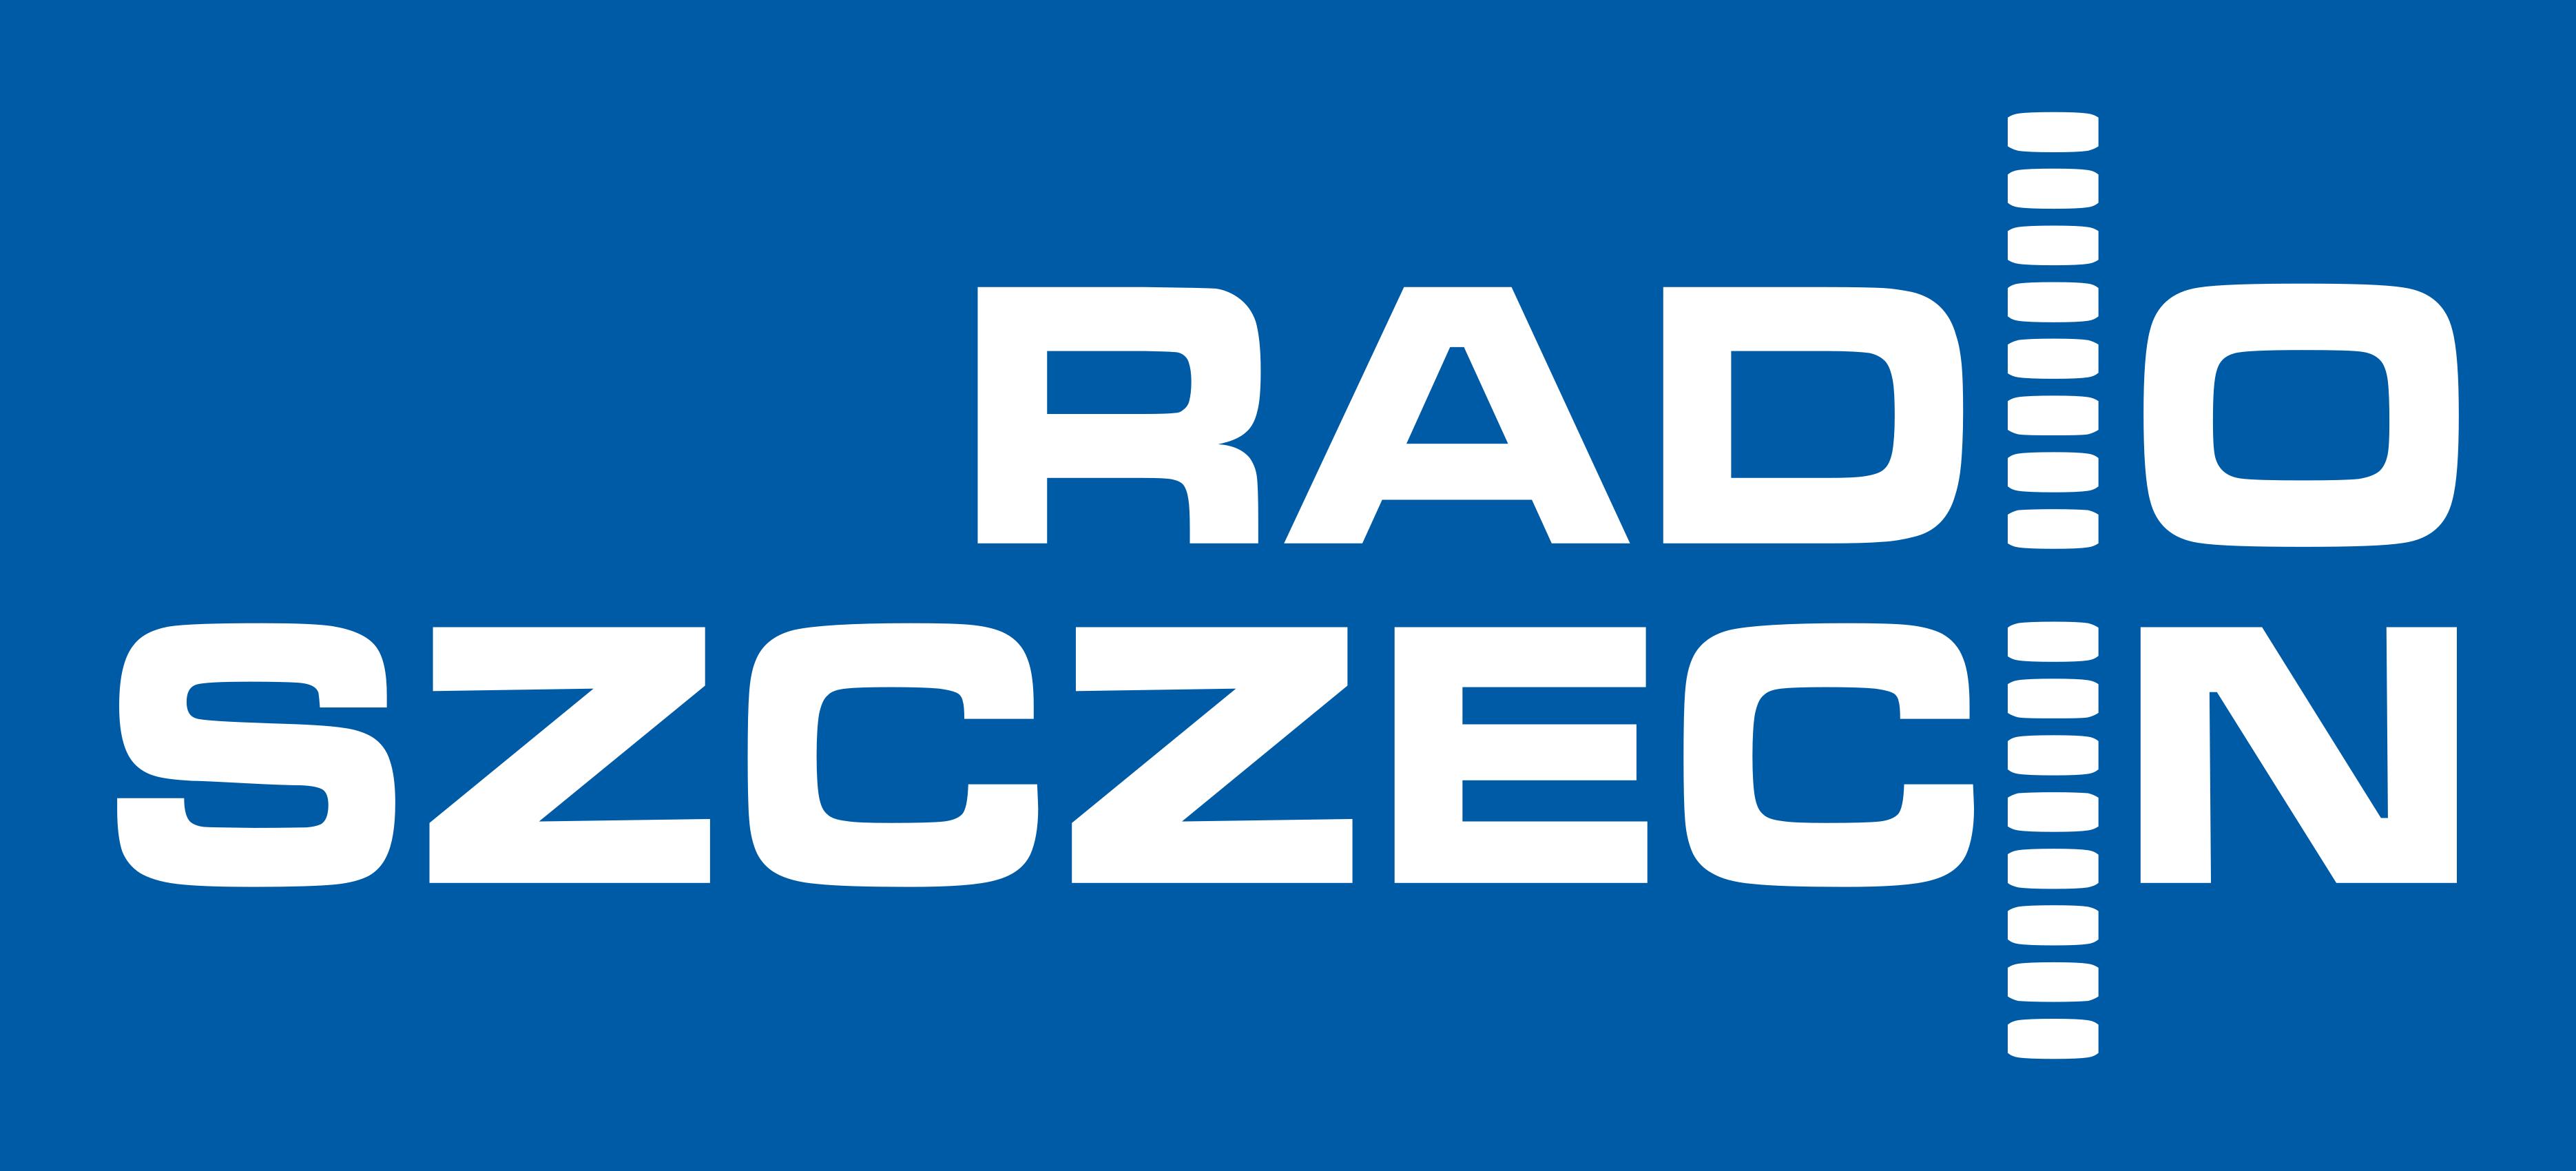 Znalezione obrazy dla zapytania radio szczecin logotyp